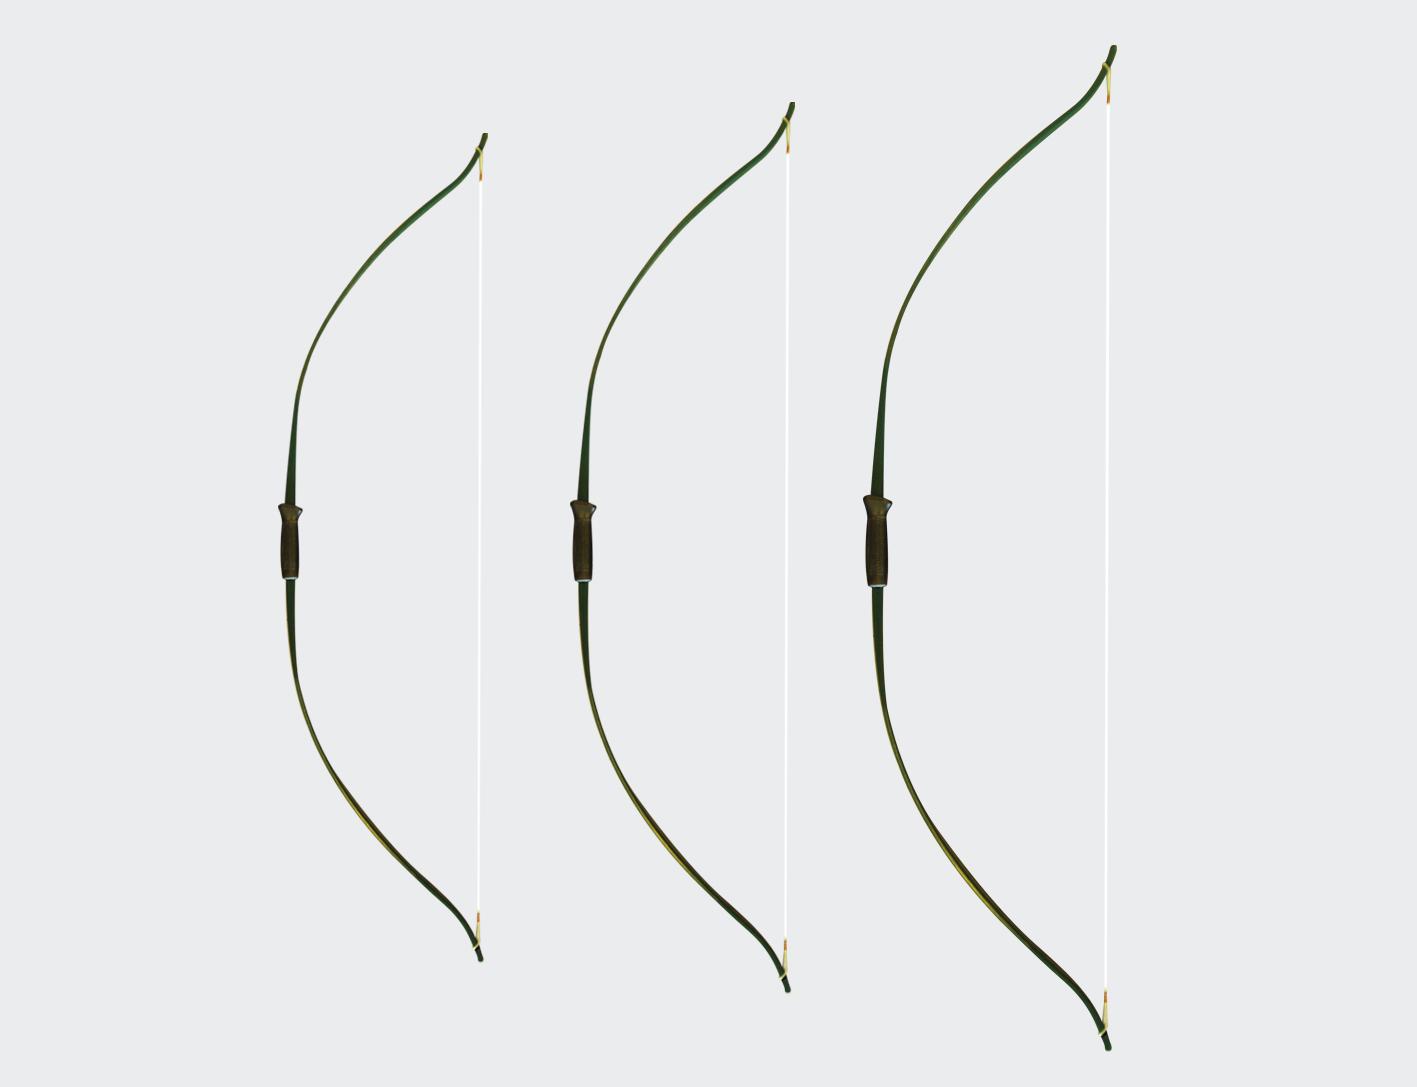 Archery Bow 130cm-0